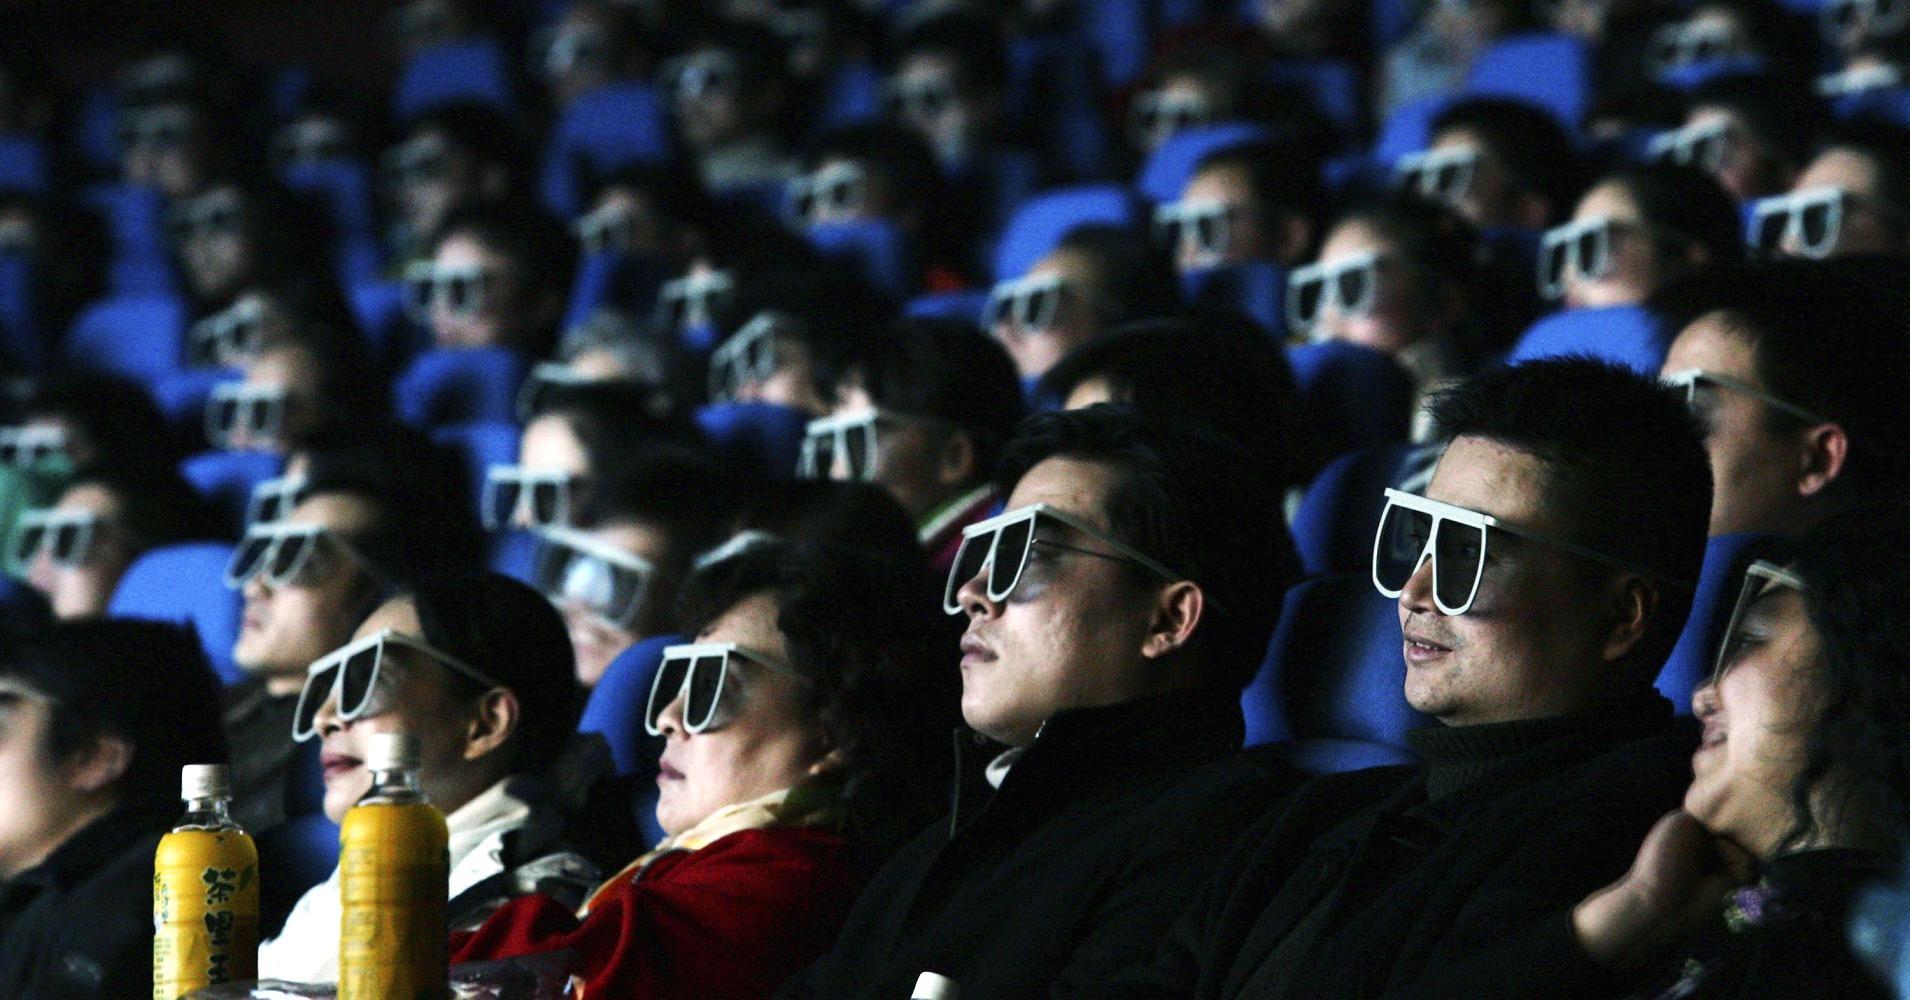 КНР опередил США почислу кинотеатров